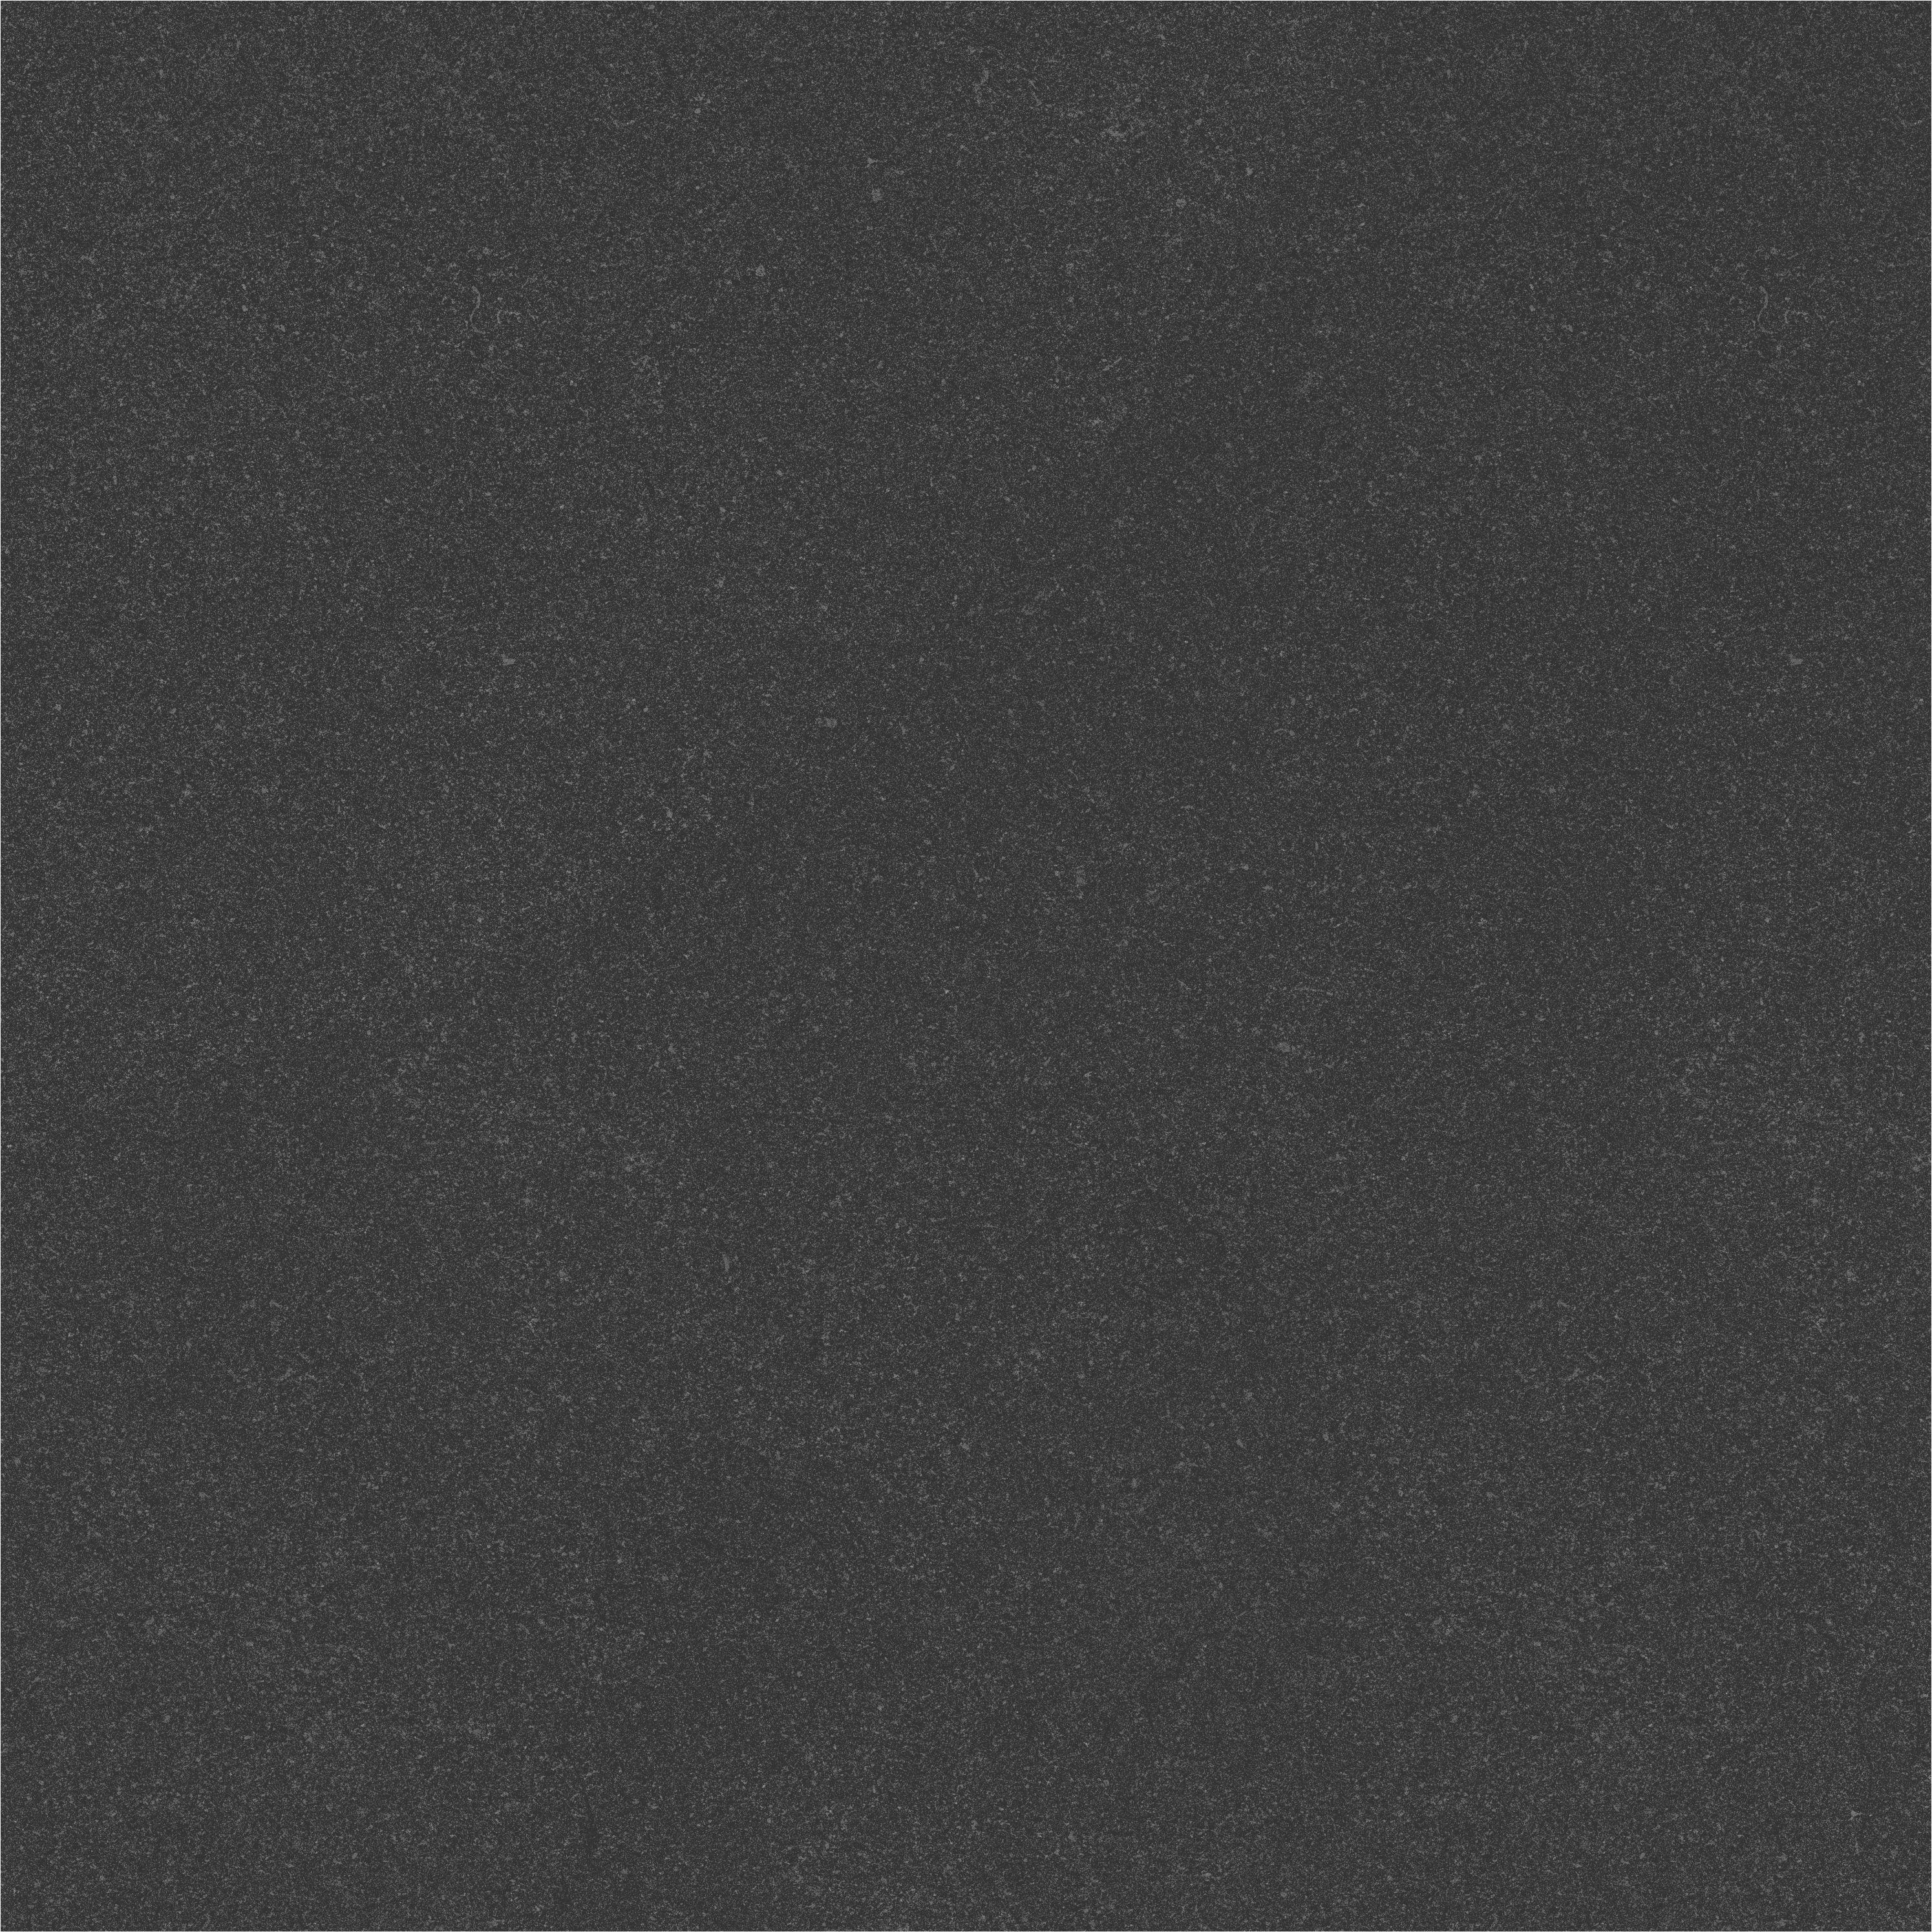 Sehati Galaxy Black (V6)